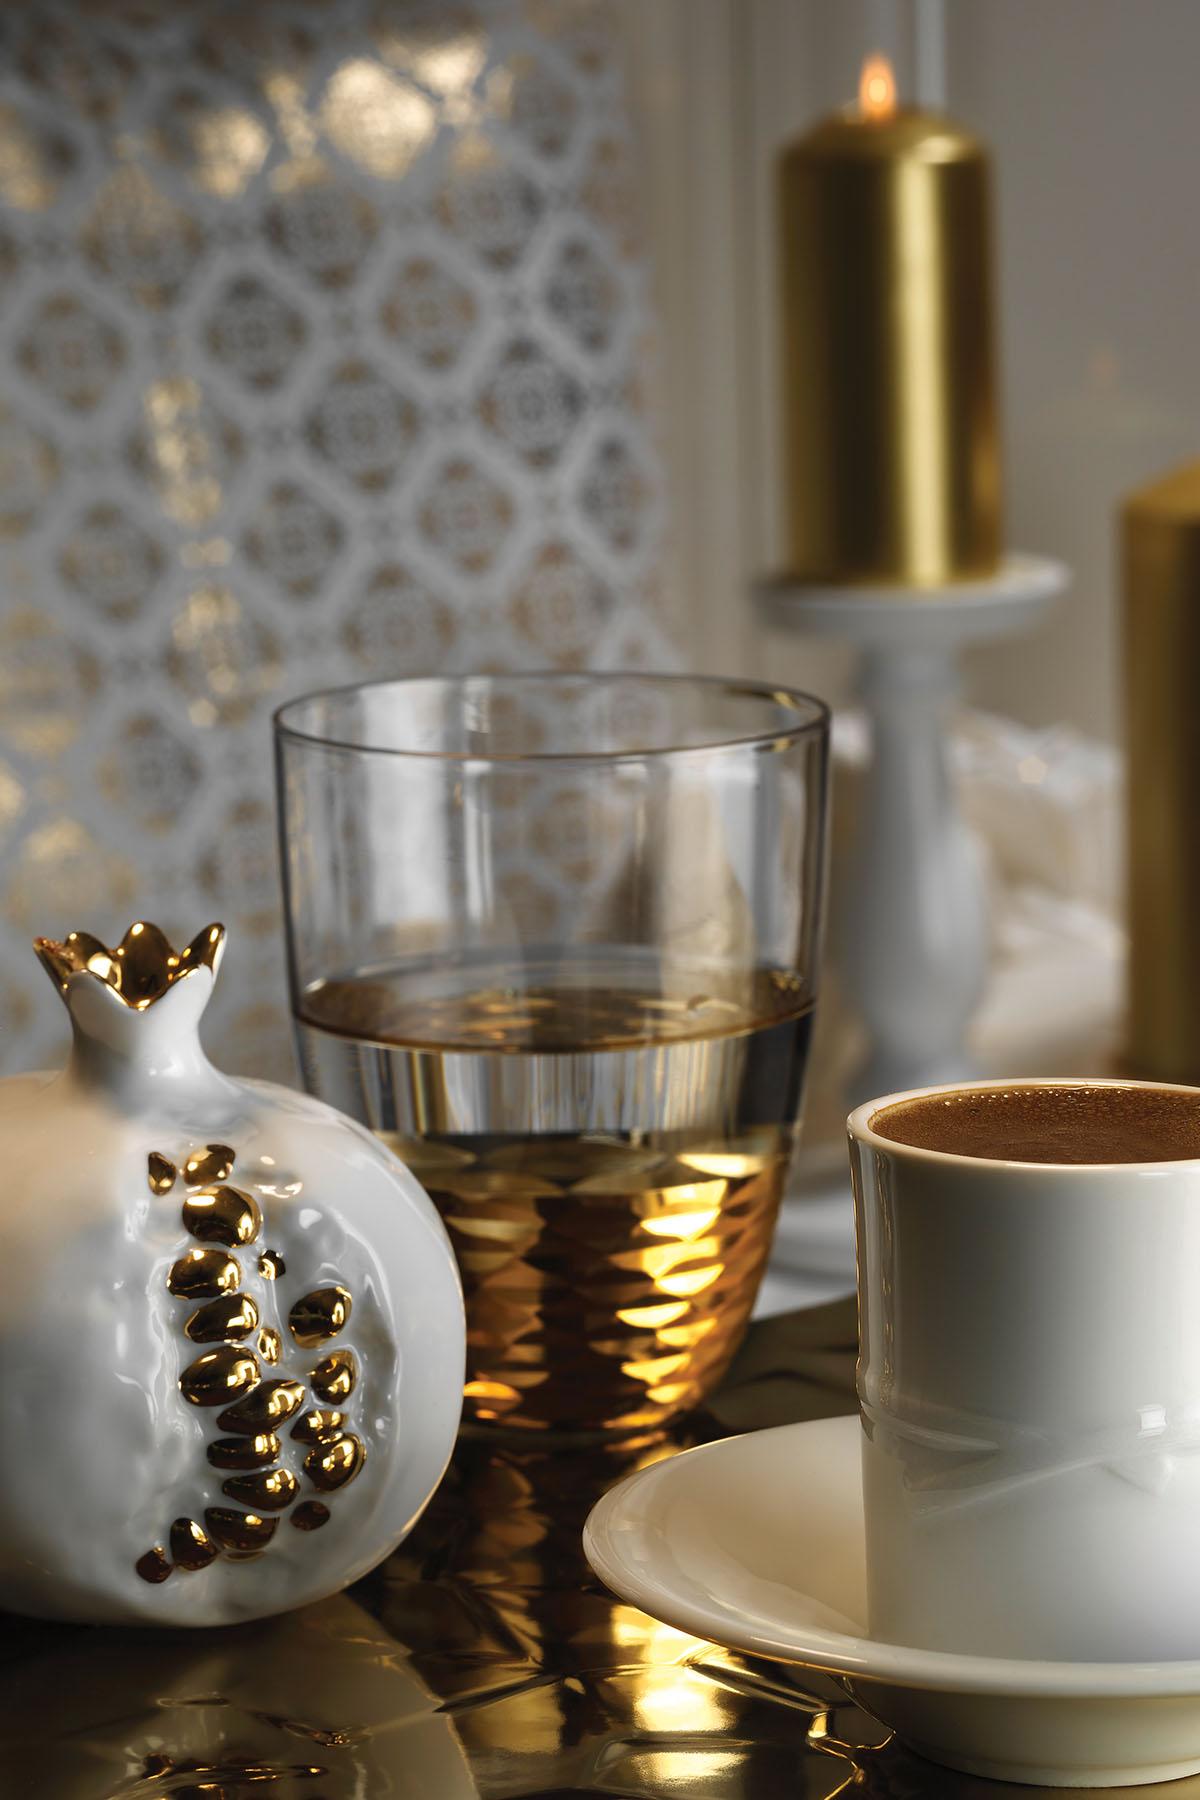 Kütahya Porselen - Kütahya Porselen Elegance Kahve Takımı